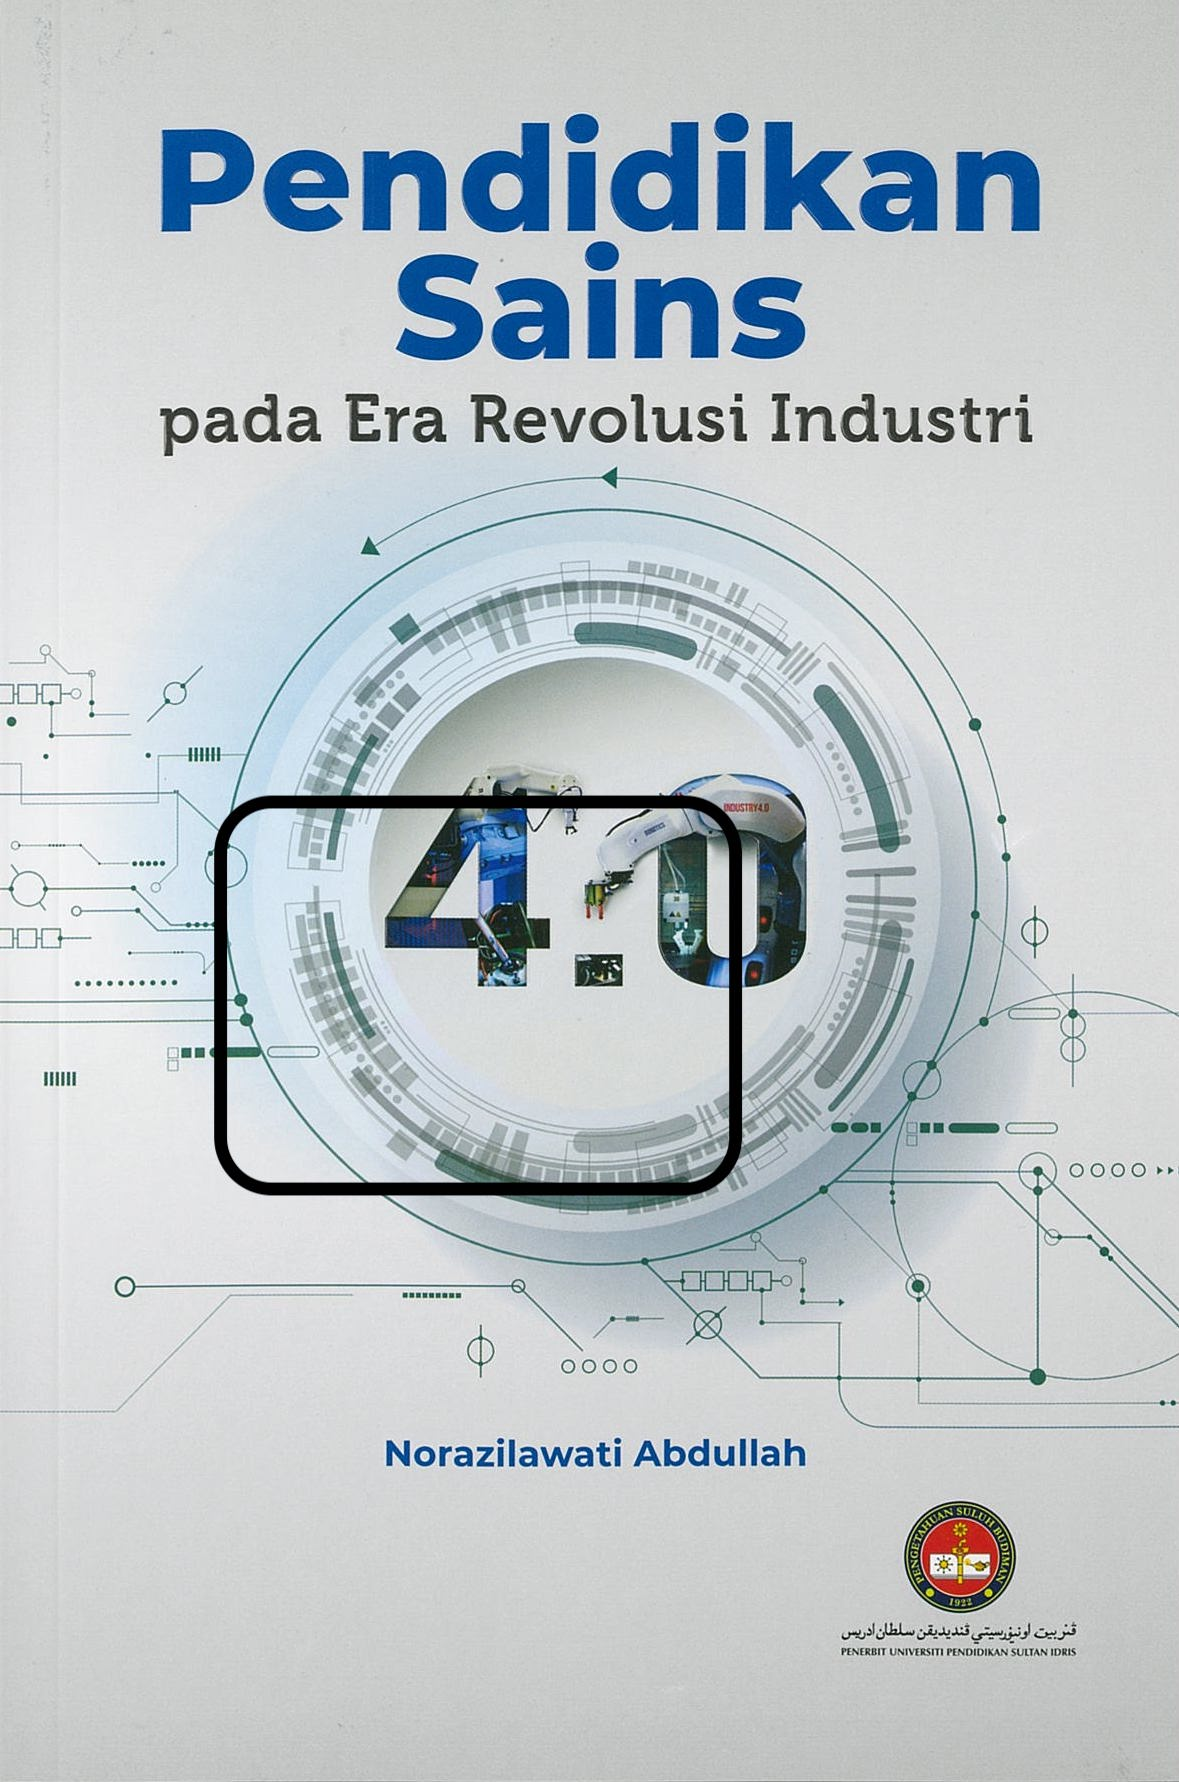 PENDIDIKAN SAINS PADA ERA REVOLUSI INDUSTRI 4.0